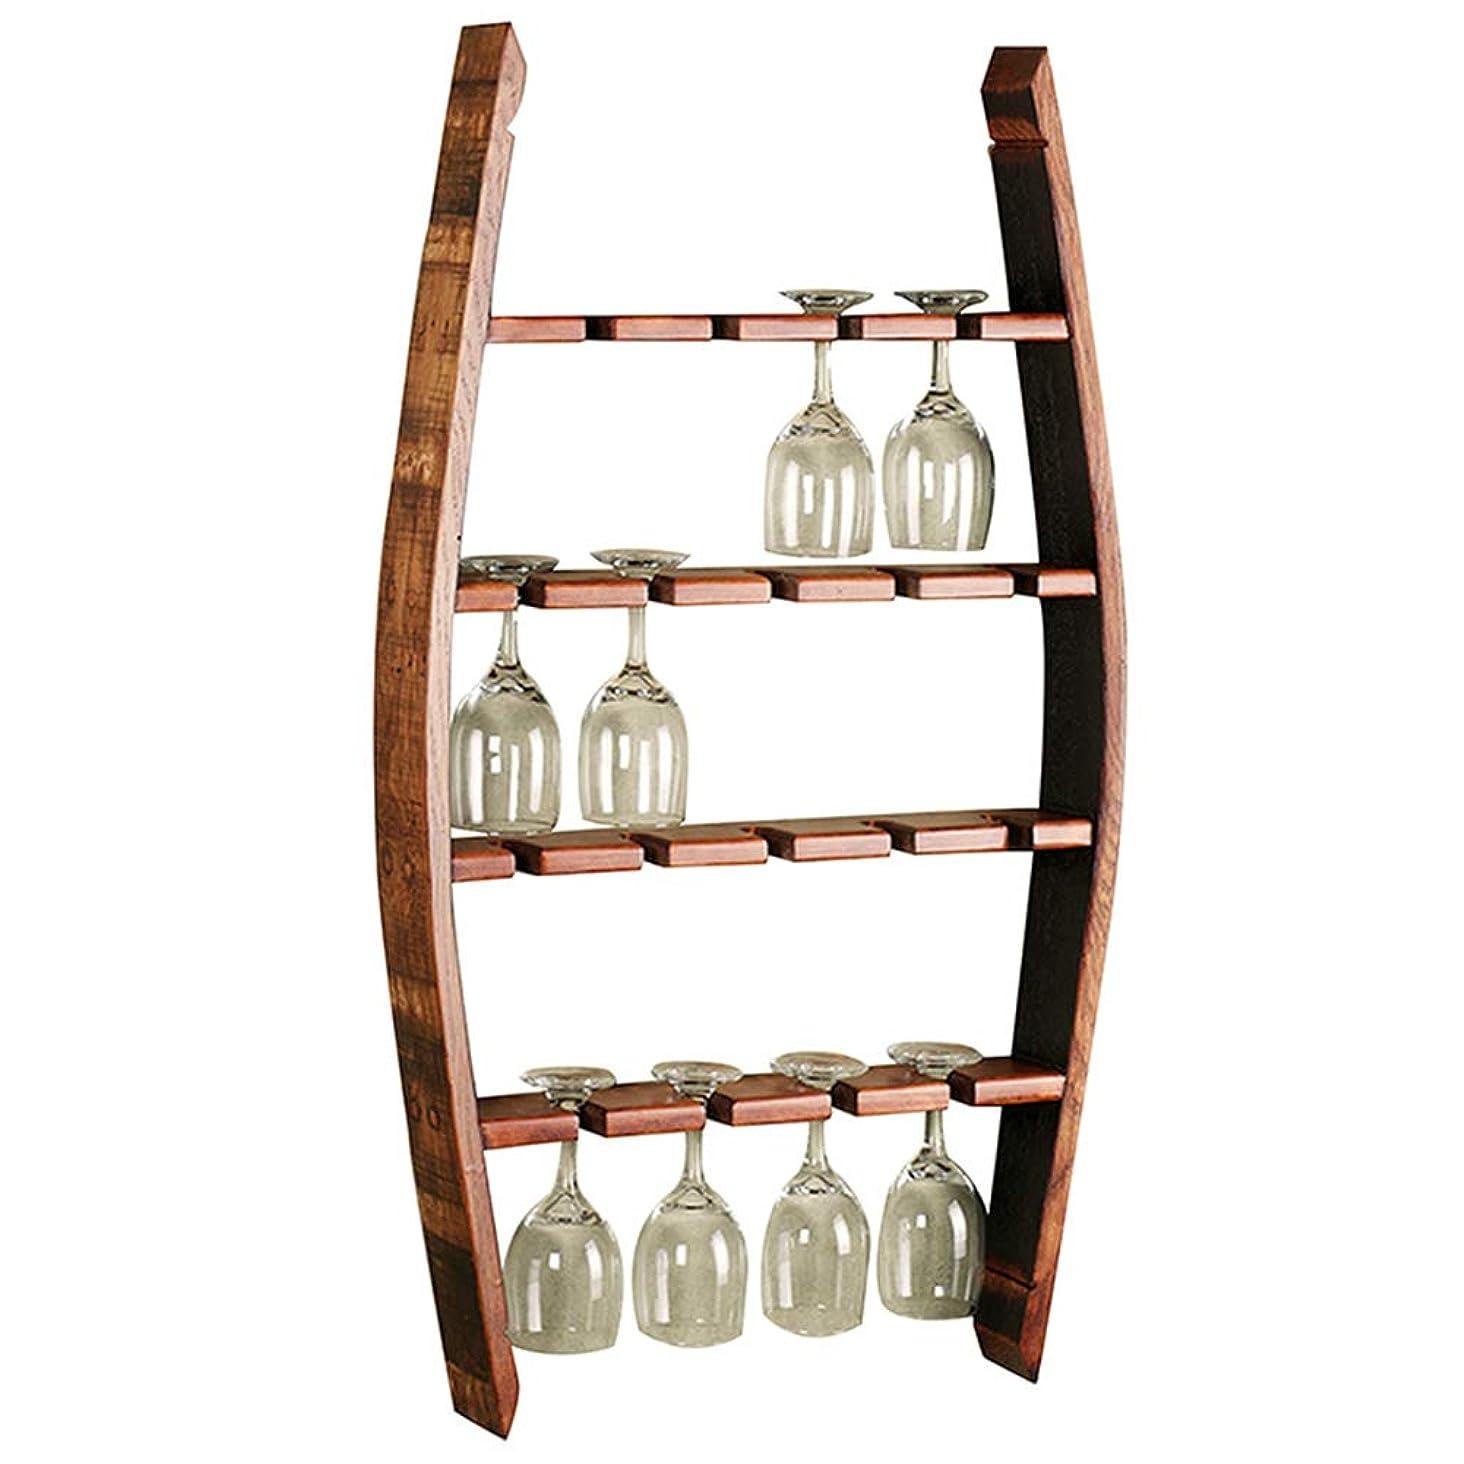 中性真鍮自分の力ですべてをするYANZHEN ワインスタンドゴブレットホルダー逆さまパンチ取り付け丈夫な建設キッチン棚無垢材、4層 (色 : Brown, サイズ さいず : 52x10x90cm)